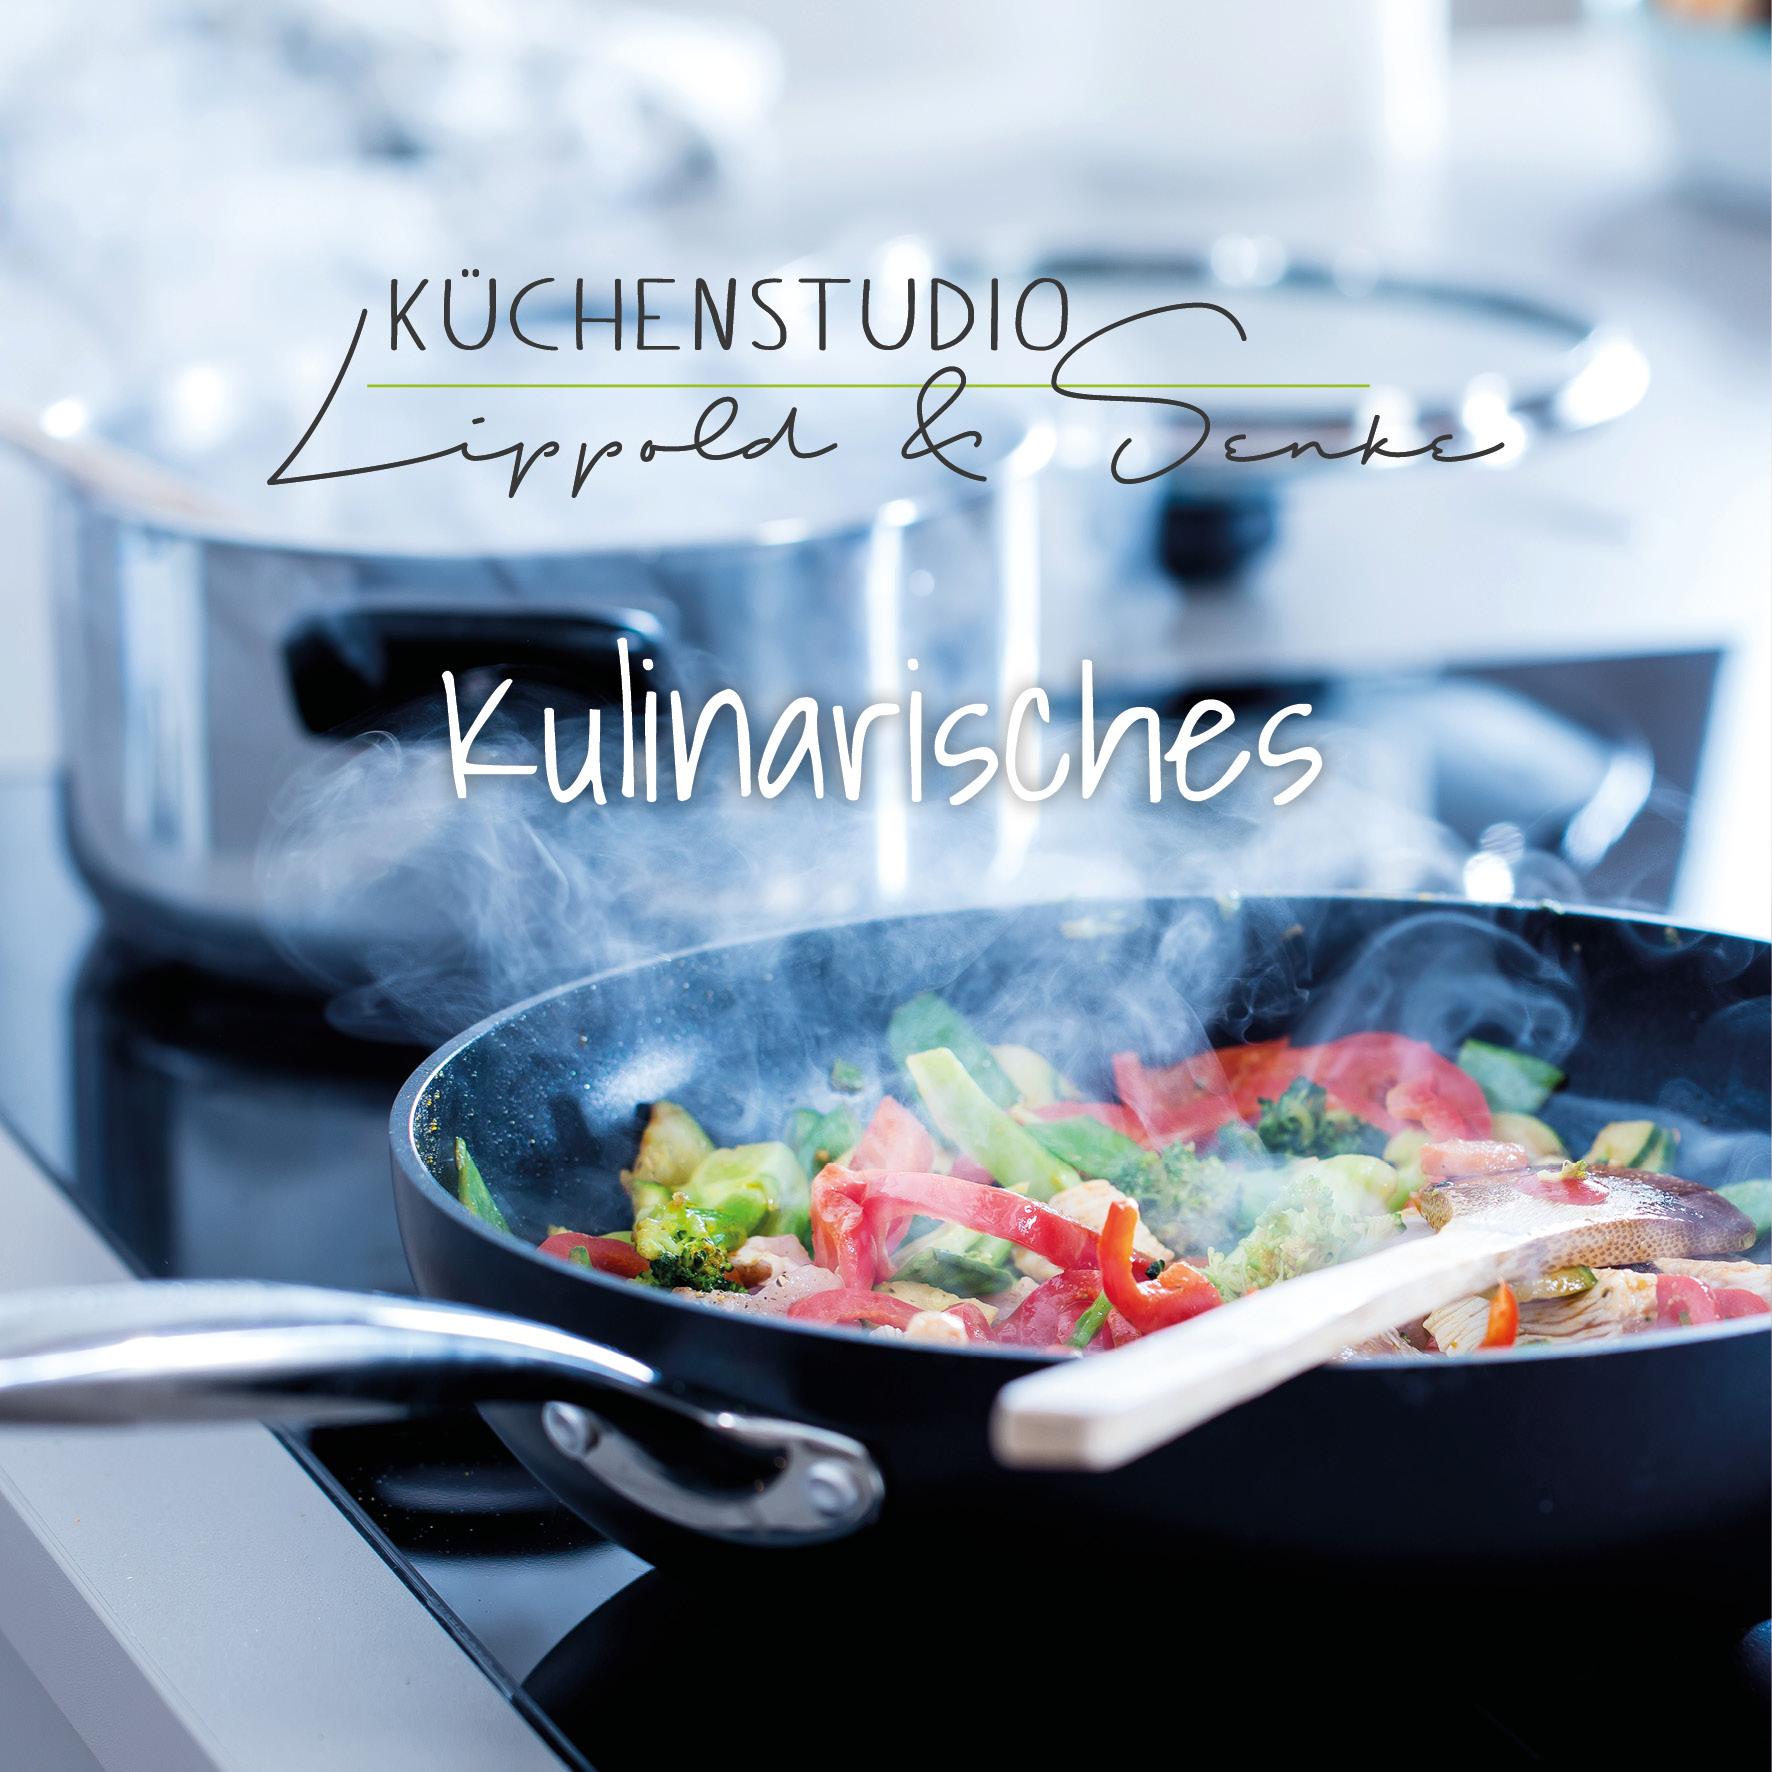 Kulinarische kuchen for Kuchenstudio essen